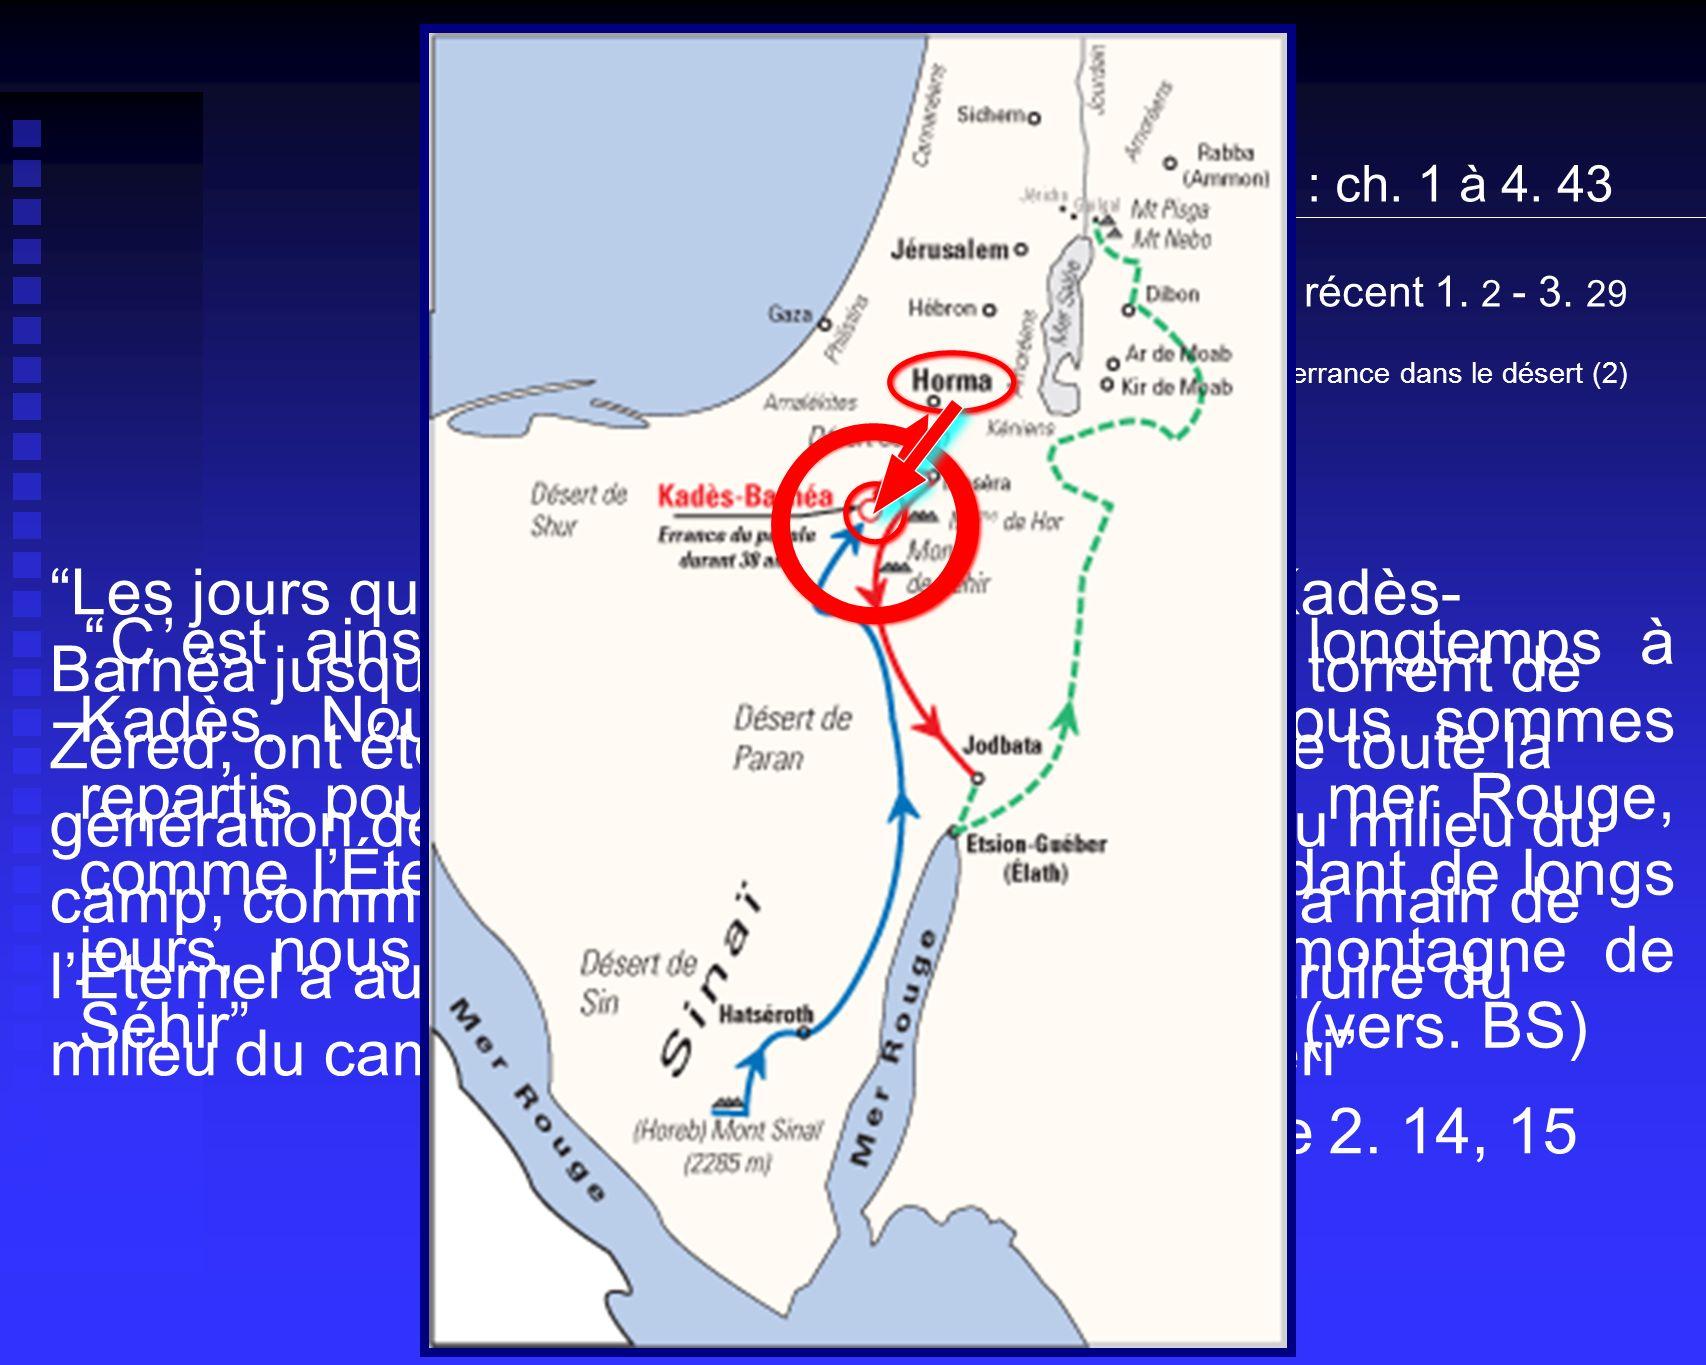 Cest ainsi que vous êtes restés très longtemps à Kadès.